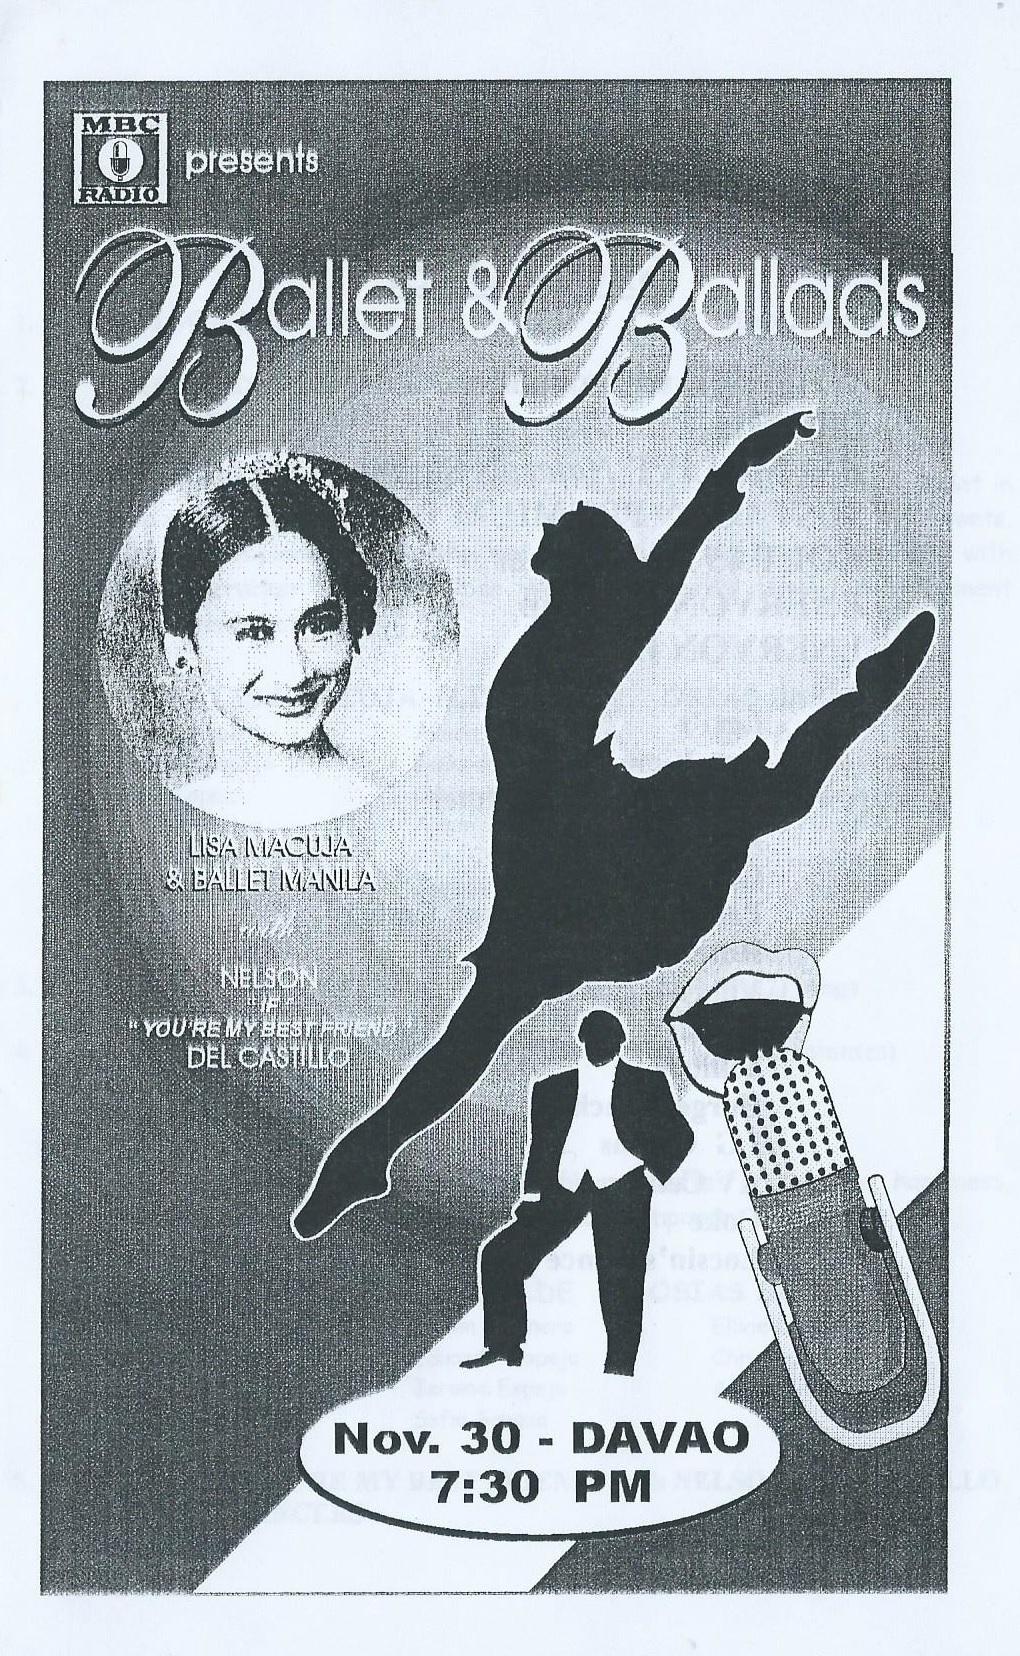 Souvenir program of Davao show with Nelson del Castillo, 1997